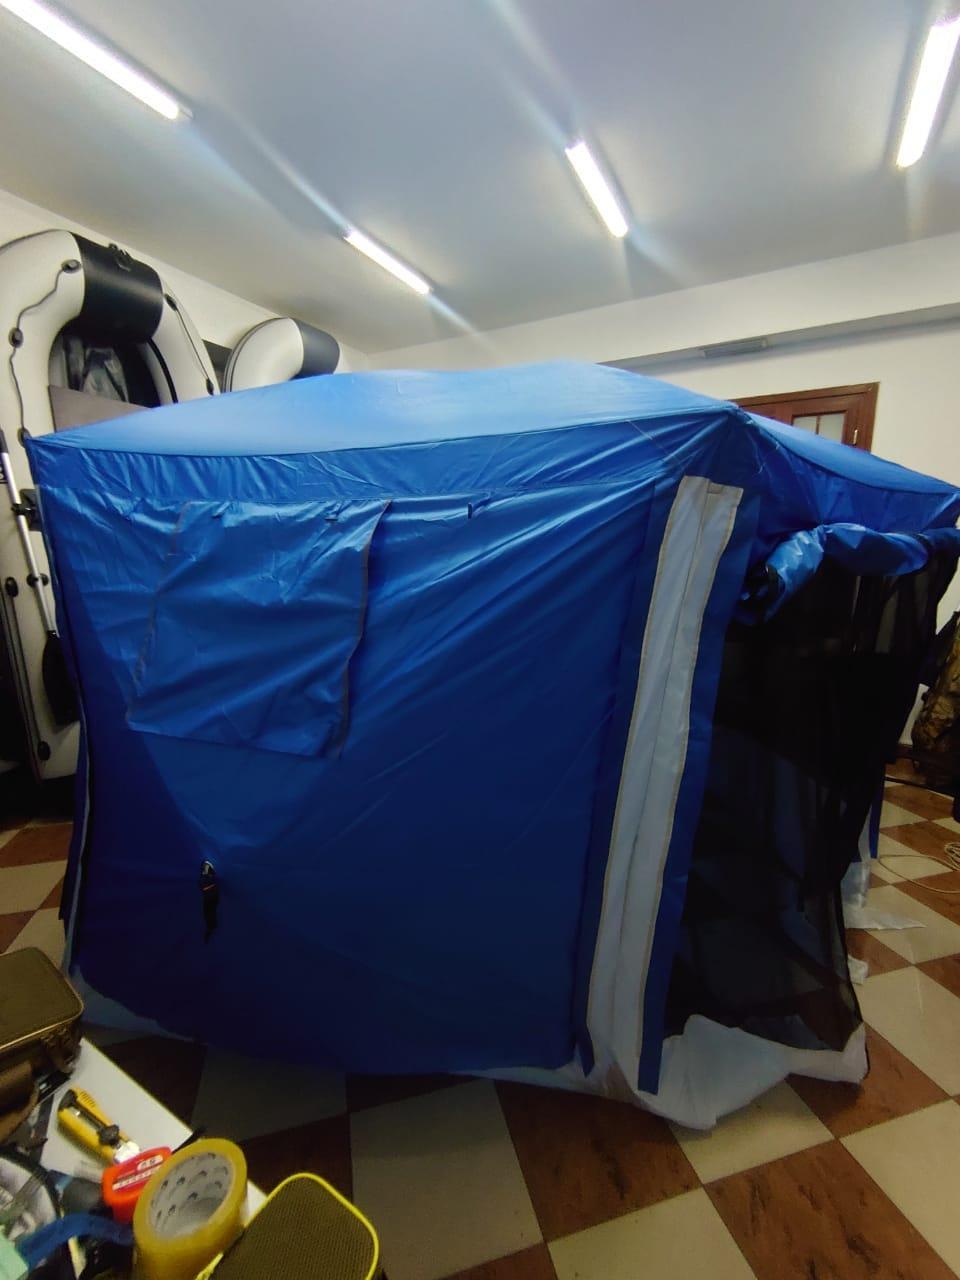 Шатер туристический Палатка БЕСЕДКА для охоты, рыбалки, тур похода Размеры 365*320*225 см - фото 3